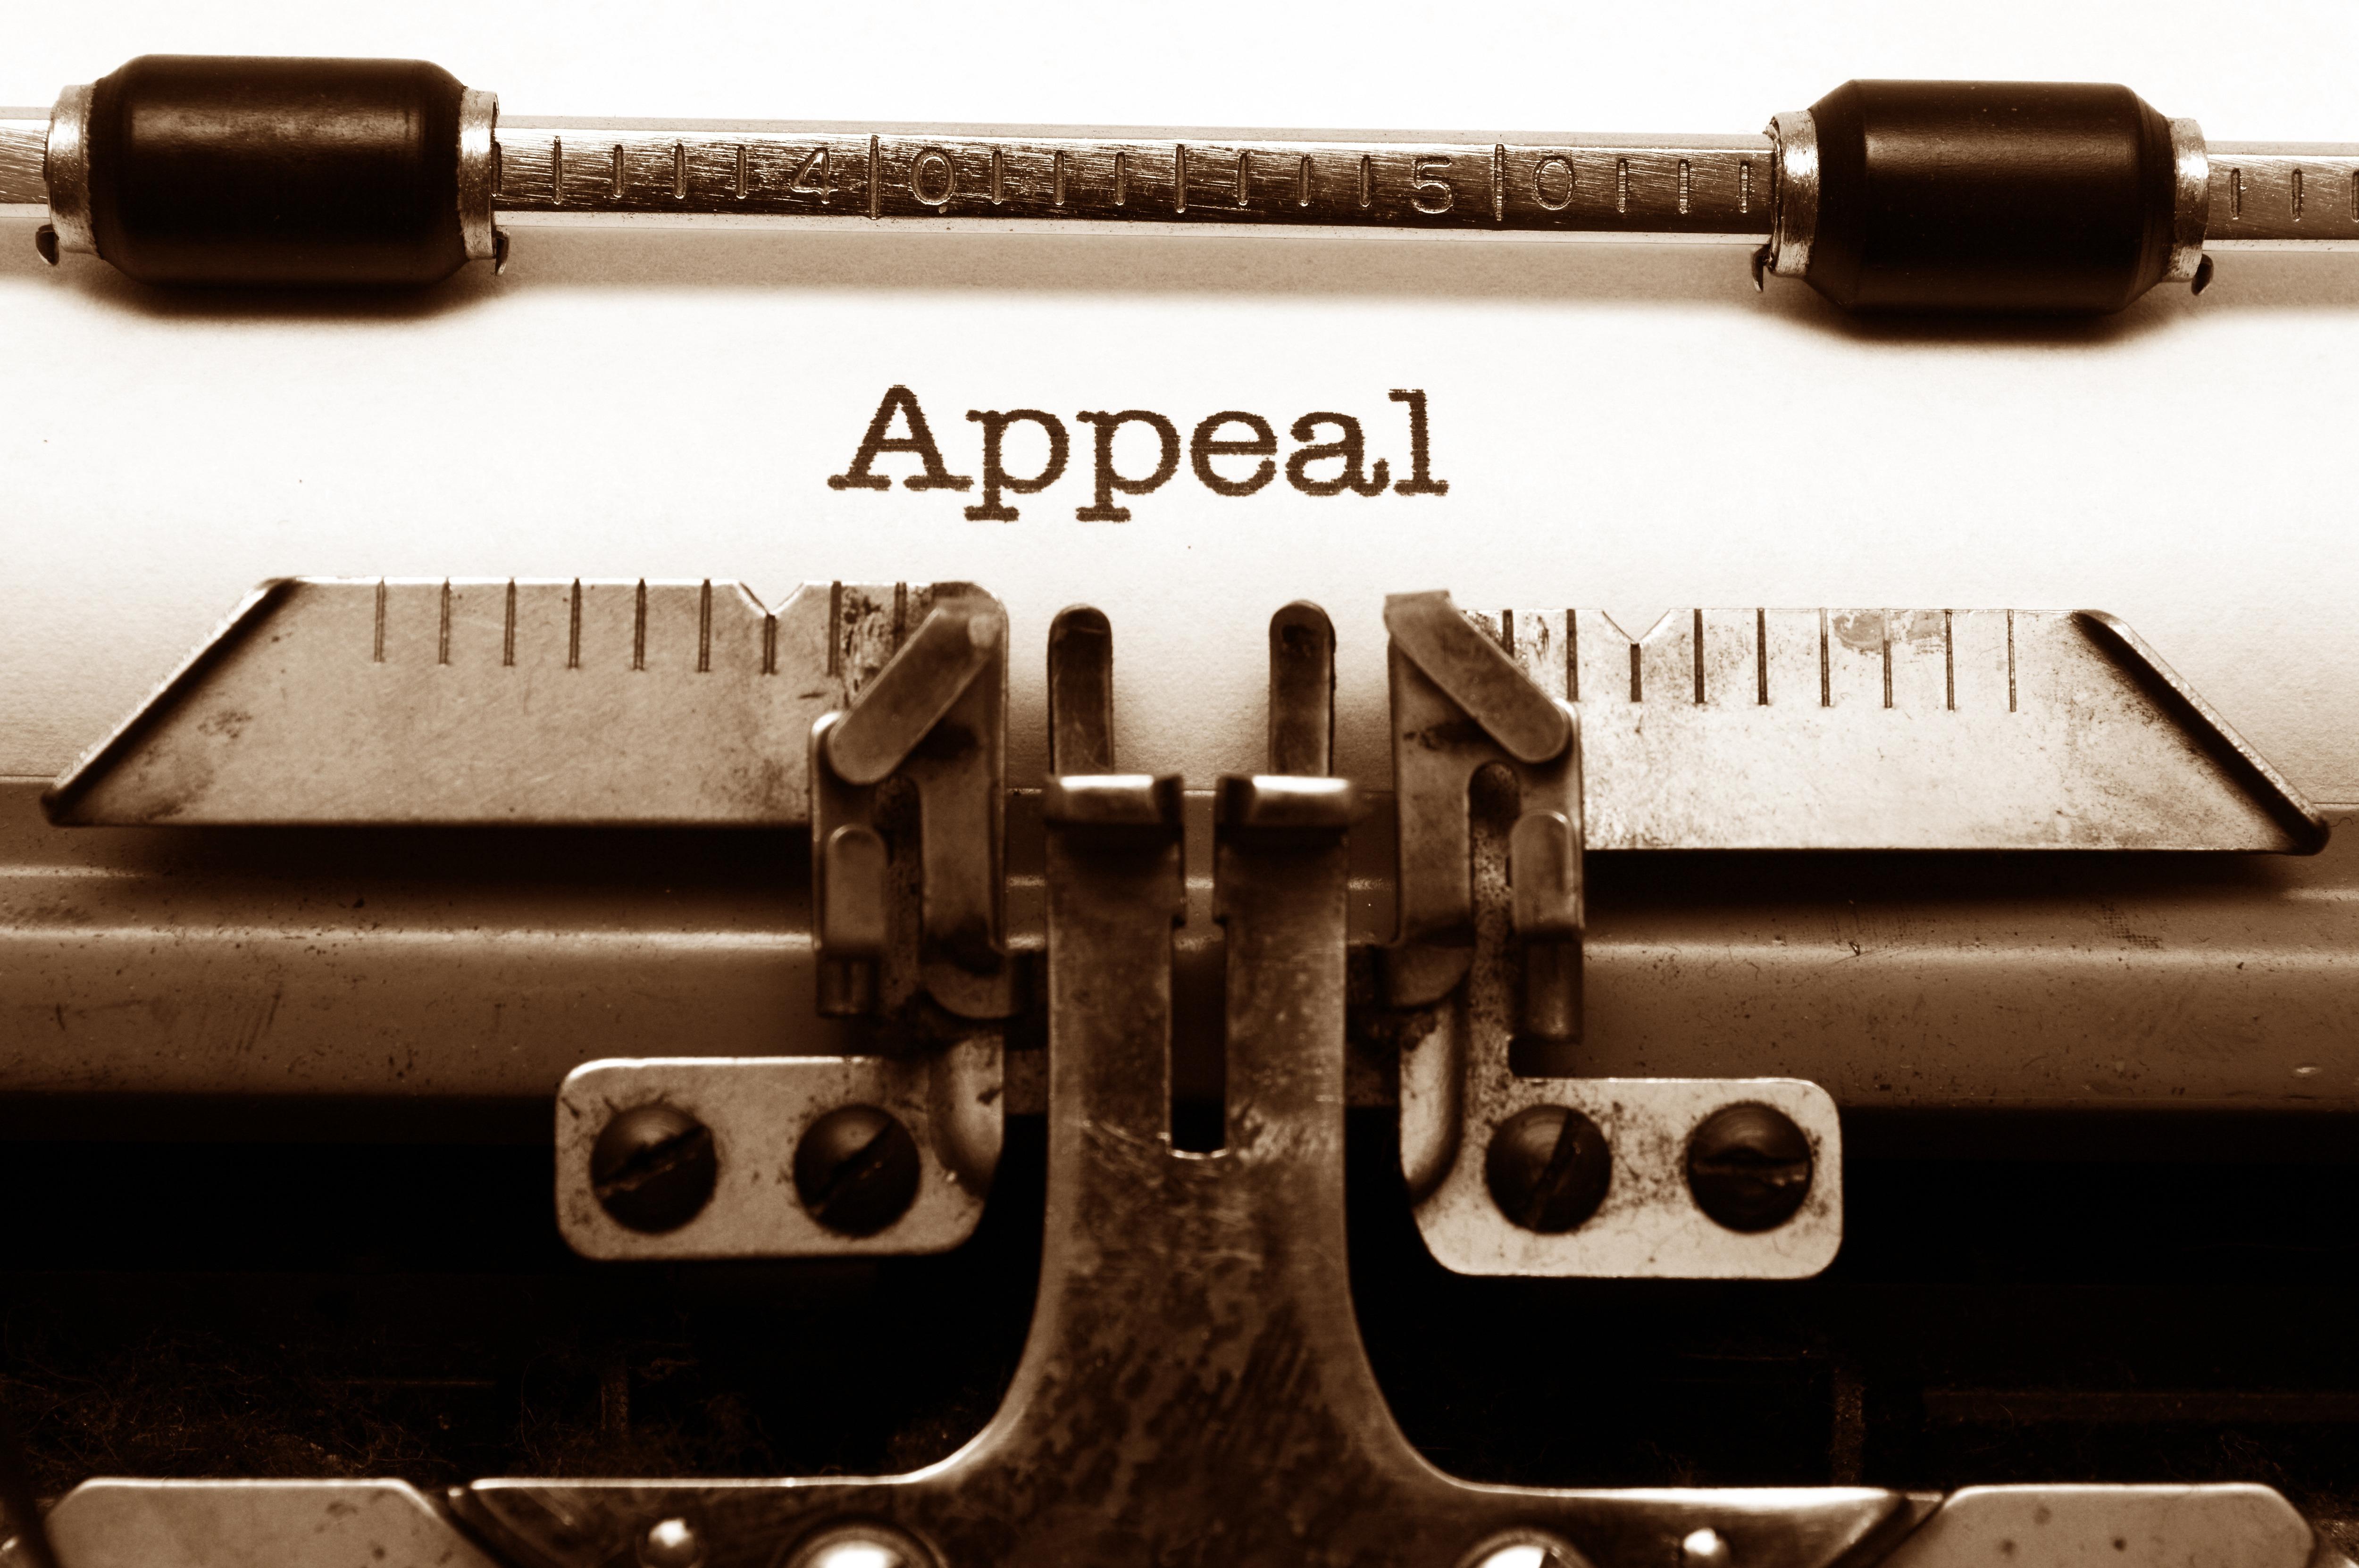 401k Plan Participant Appeal